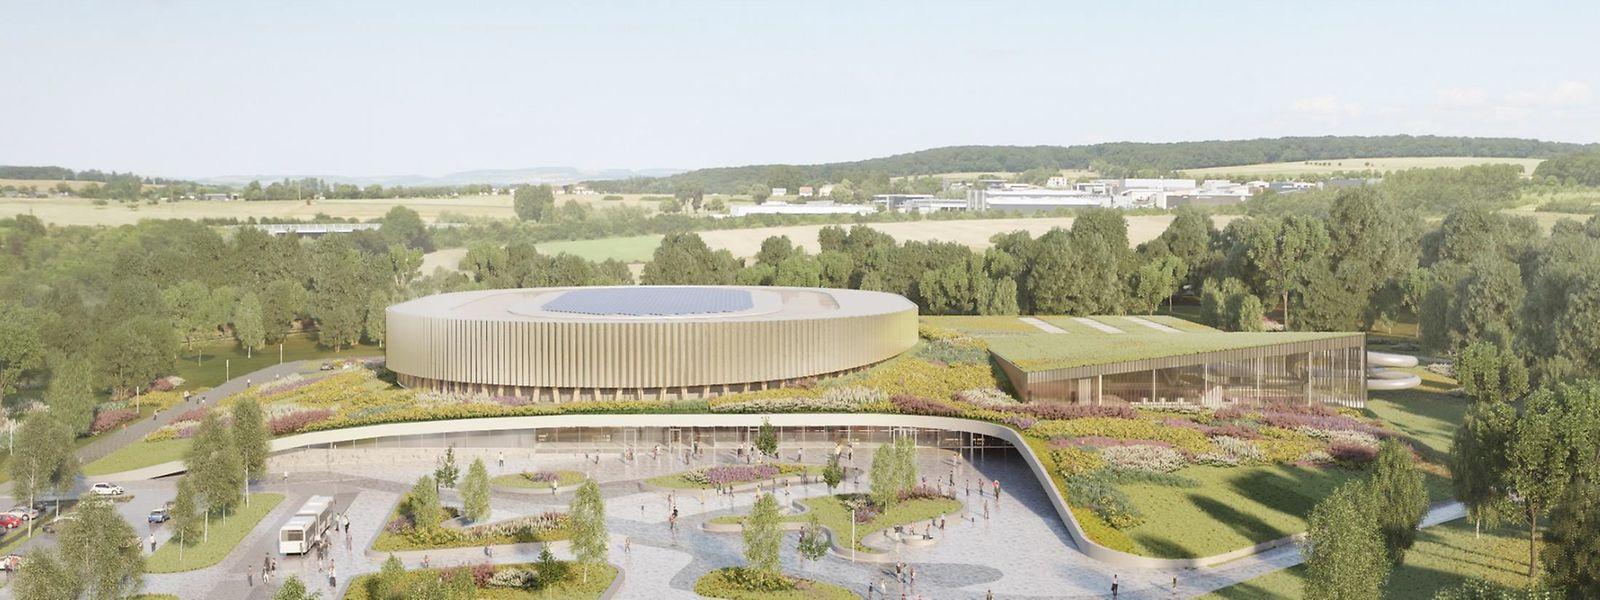 Das Velodrom mit seinem runden Dach sowie der Gebäudekomplex mit der Sporthalle und dem Hallenbad werden laut einer Kostenschätzung 65 Millionen Euro kosten.